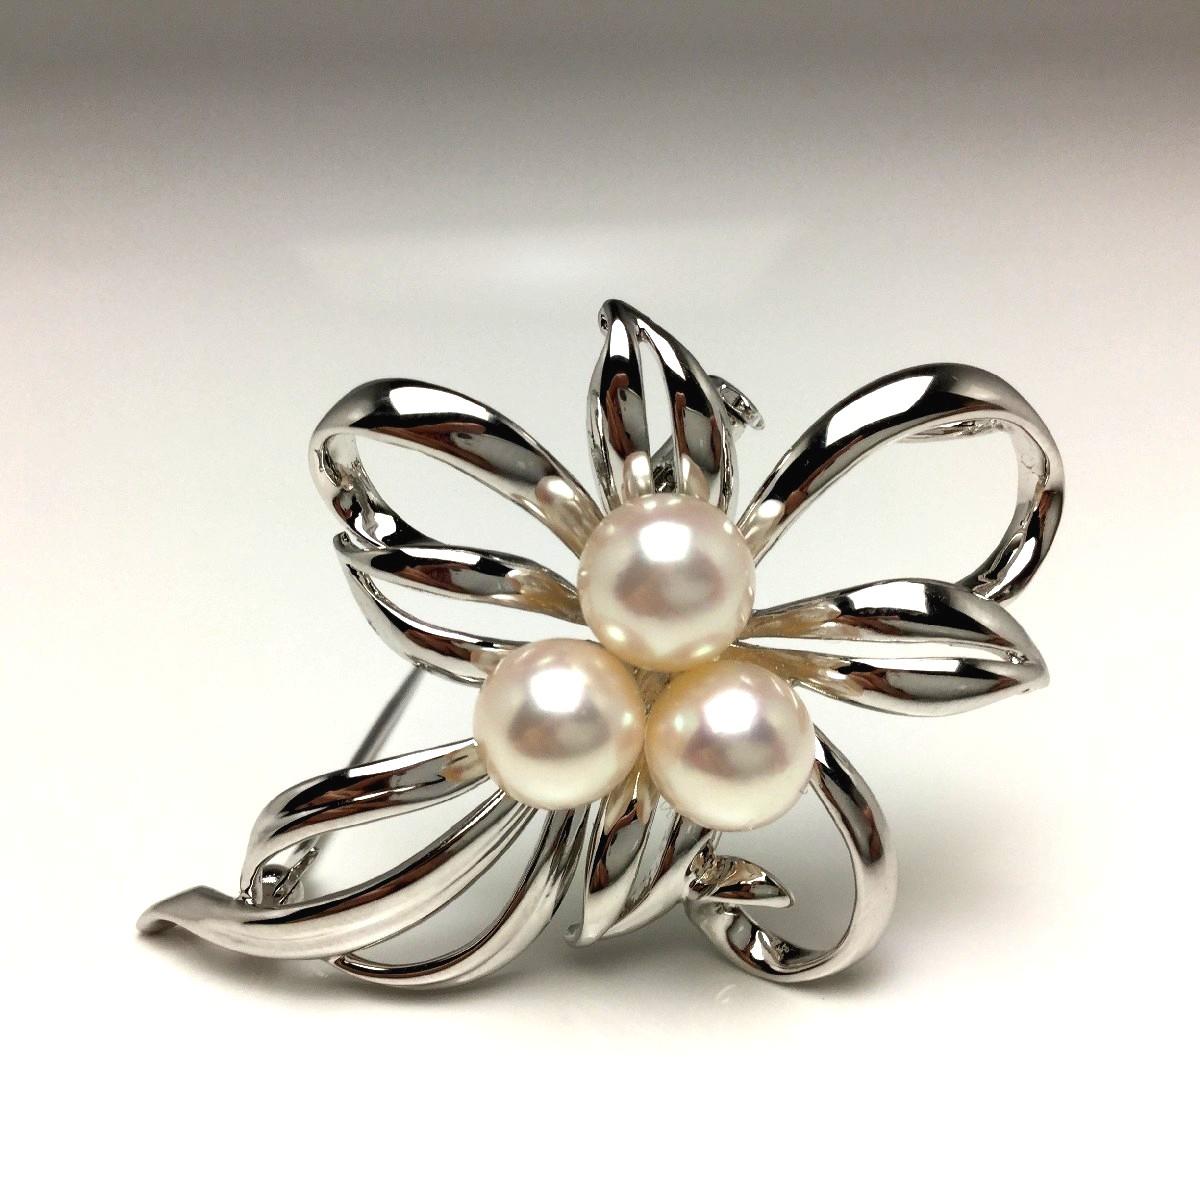 【10%OFF】真珠 ブローチ パール アコヤ真珠 7.0-7.5mm ホワイトピンク シルバー 植物 フラワー 65968 イソワパール